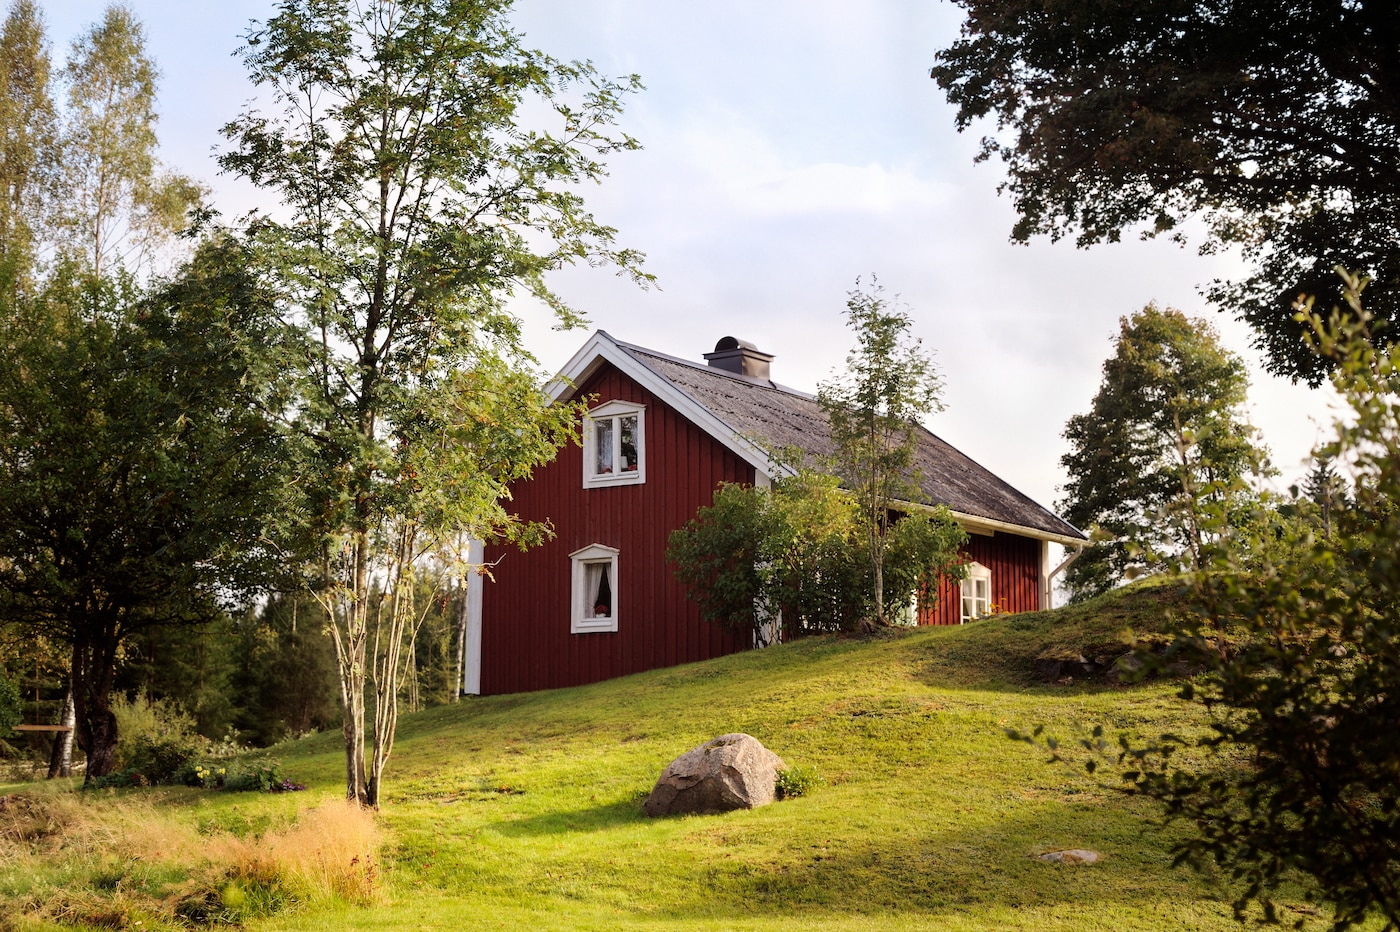 La sede de diseño de IKEA se encuentra en Småland, en medio de un hermoso paisaje con bosques, prados y lagos. Se ubica al sur de Suecia y aquí es donde comienza IKEA. Los inicios de la empresa.